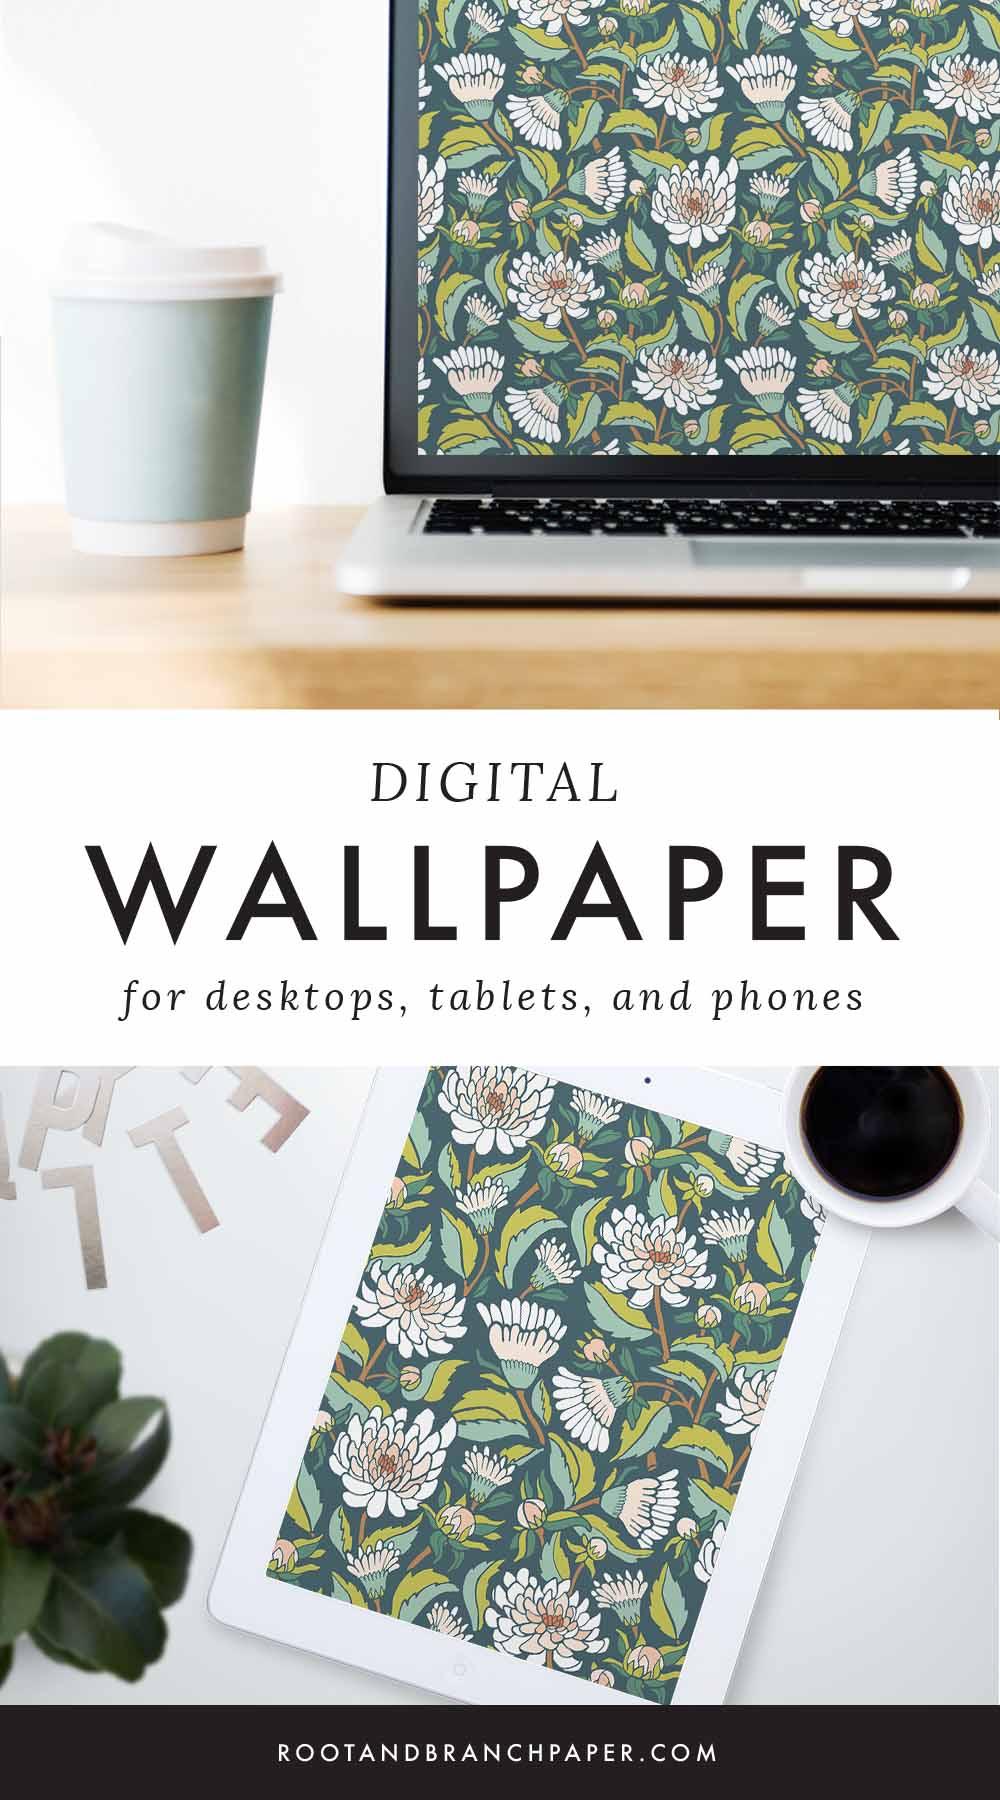 Free Desktop Wallpaper | Download Floral Illustrated Digital Wallpapers for Desktop, Tablet, + Phone | Root & Branch Paper Co.